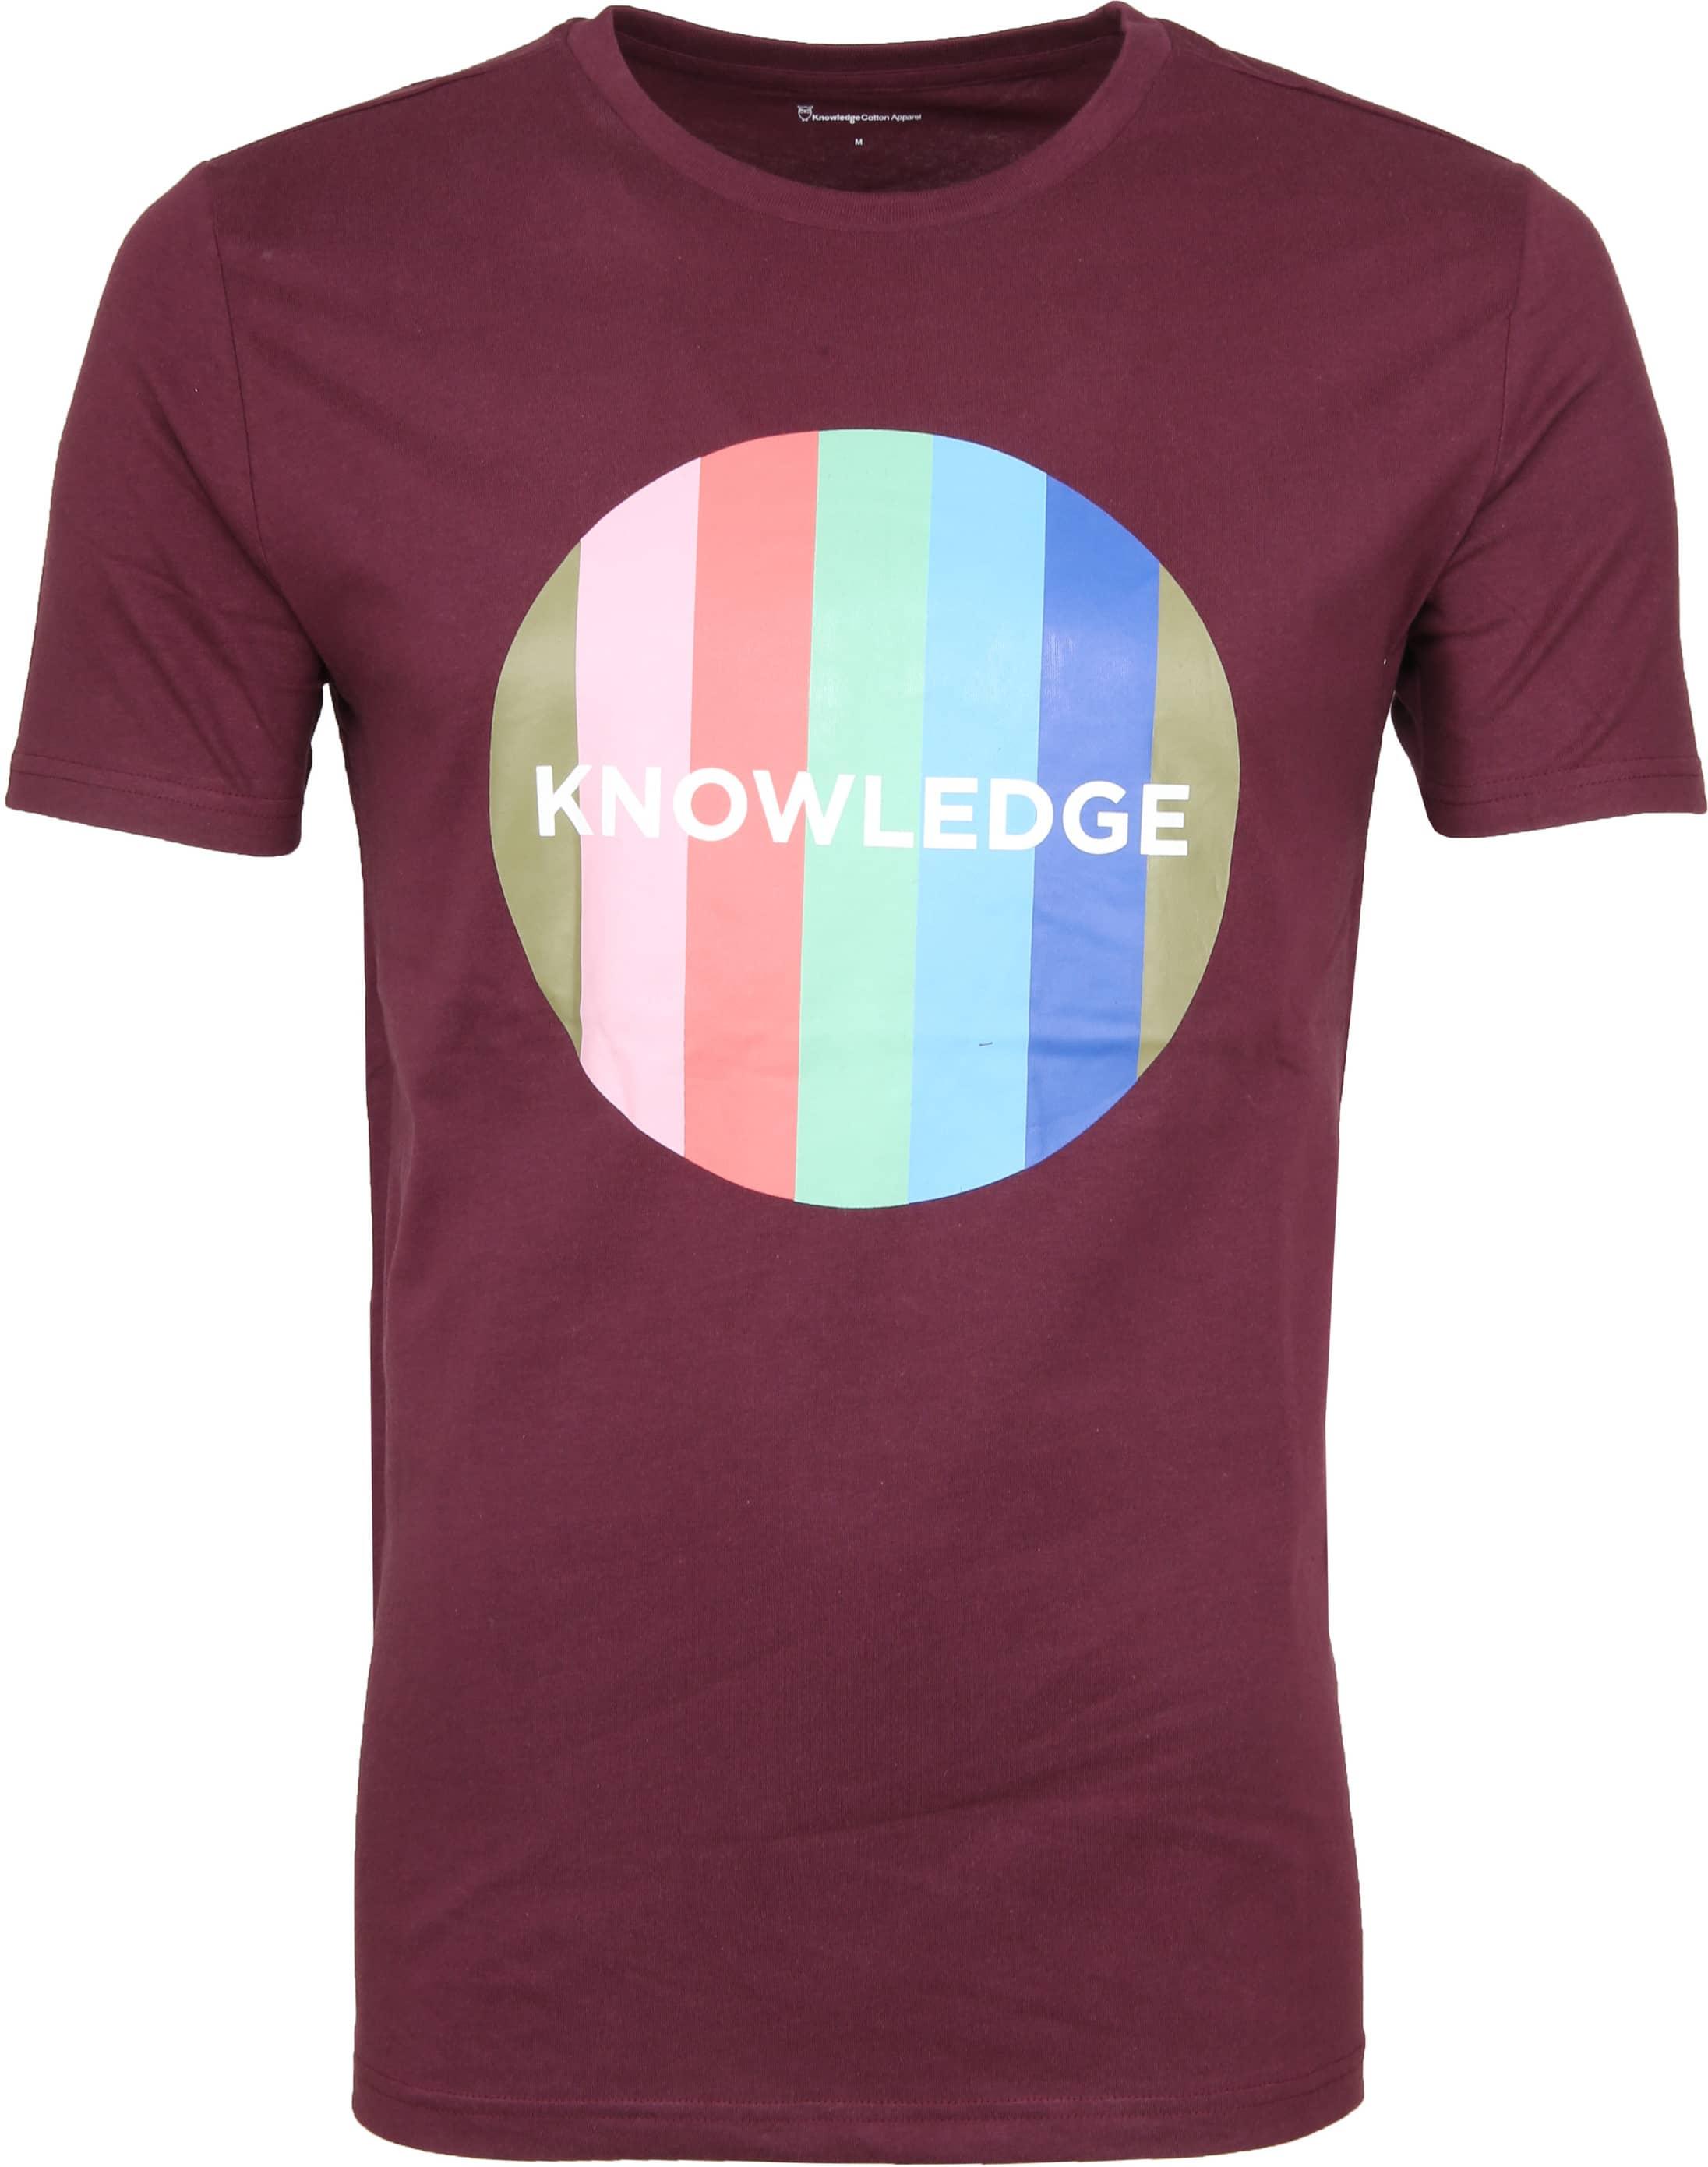 Knowledge Cotton Apparel T-shirt Print Bordeaux foto 0